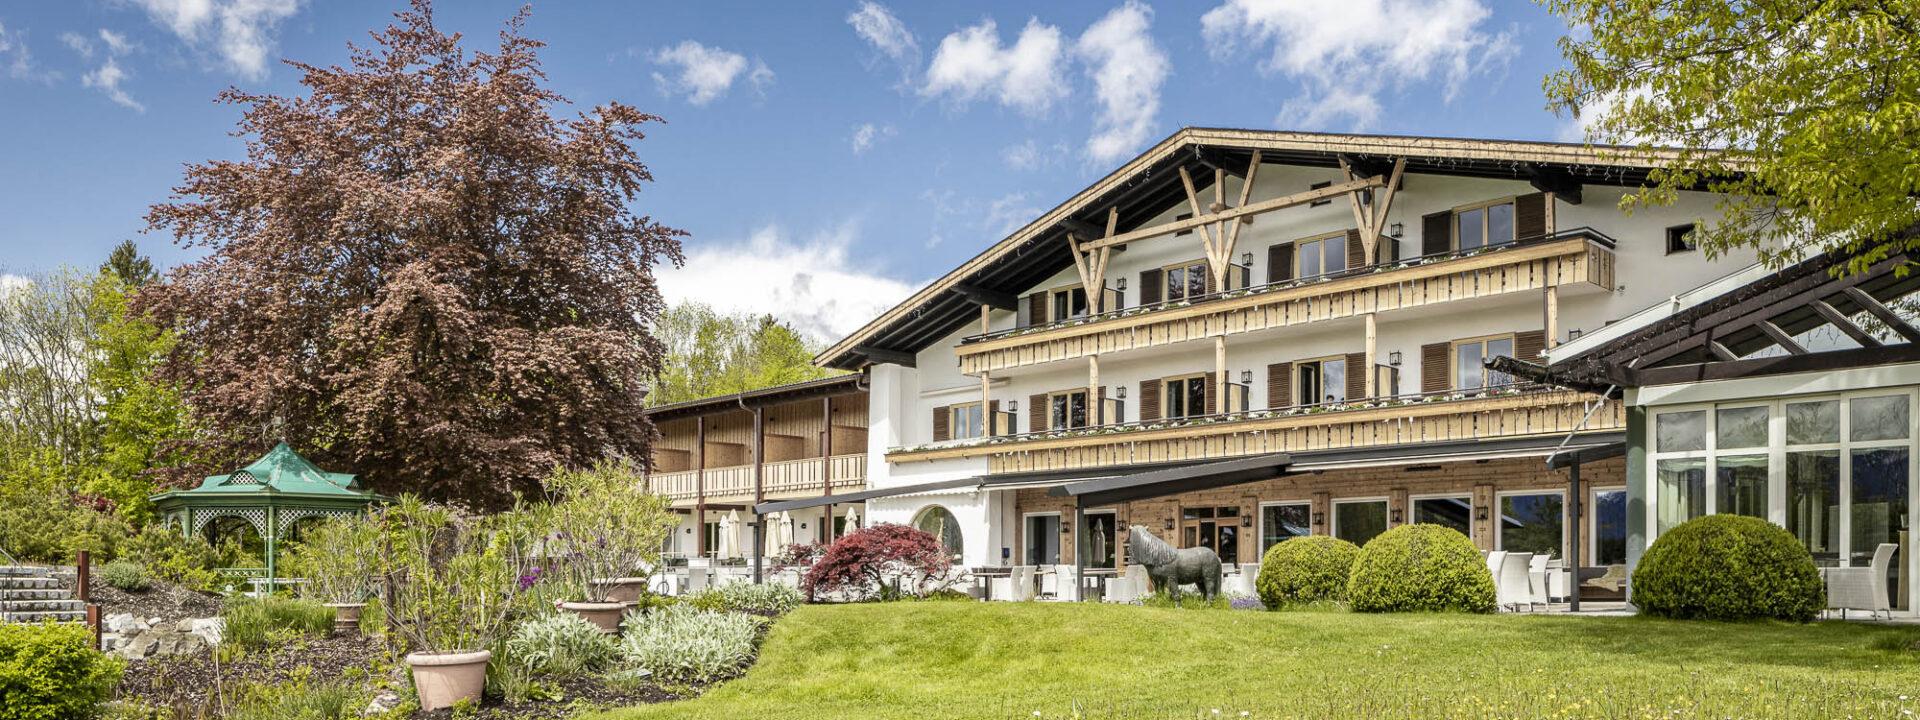 Alpenhof Murnau, Hotel, Murnau am Staffelsee